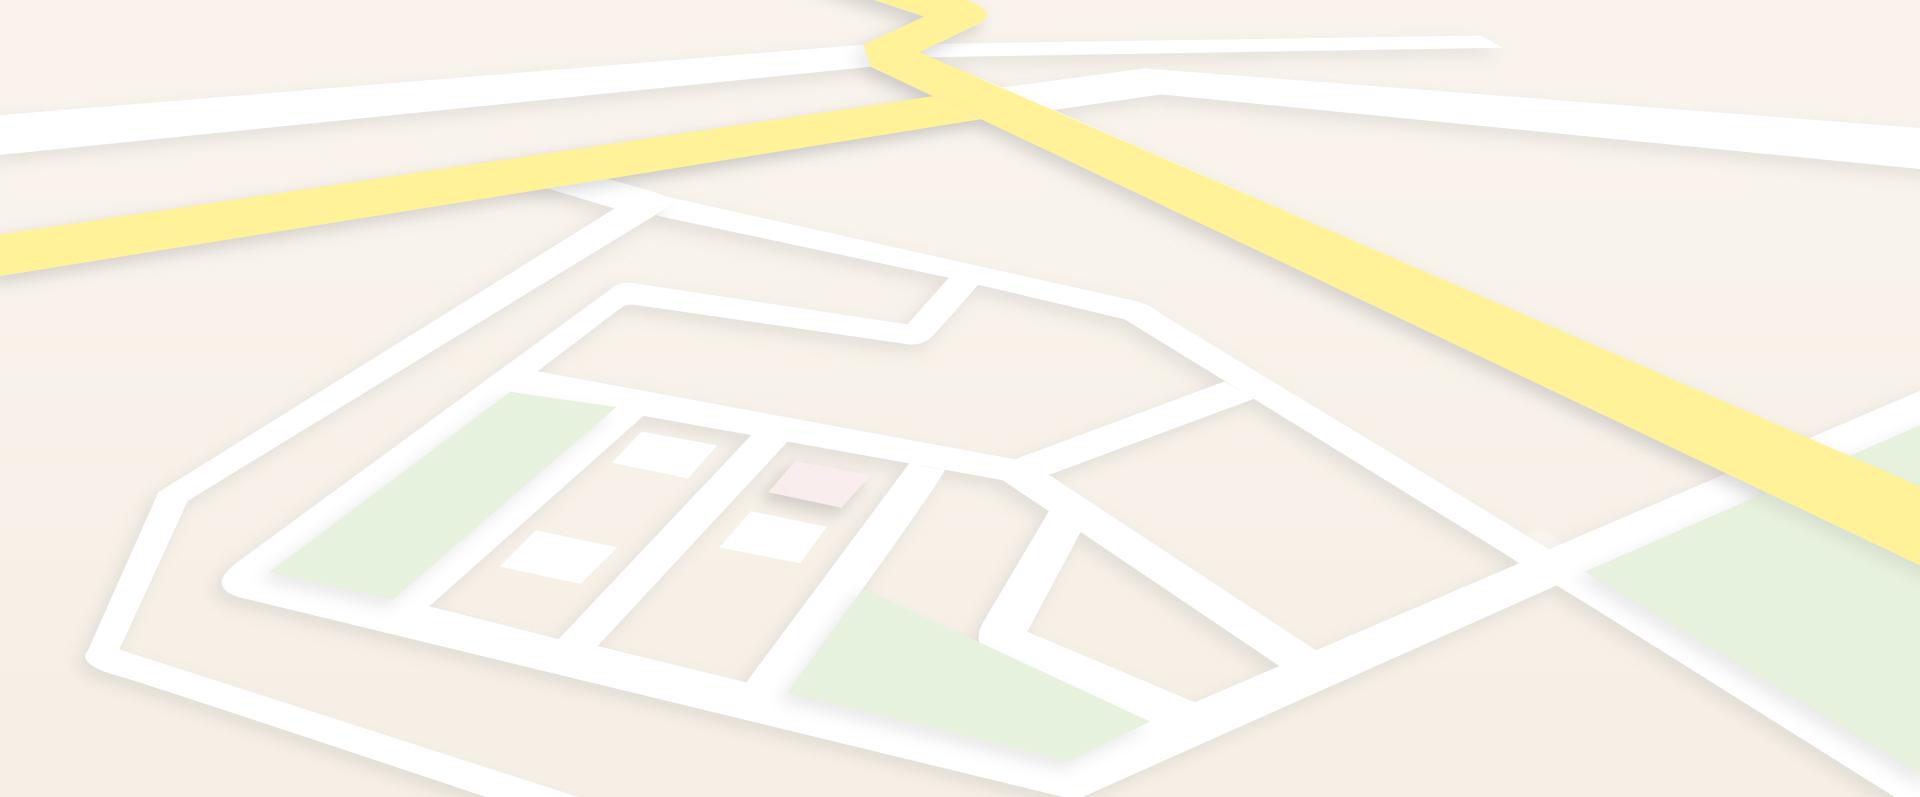 BBOX Security Seguridad gps monitoreo fondo - Servicio de Rastreo Satelital y GPS en Guadalajara | BBOX Security